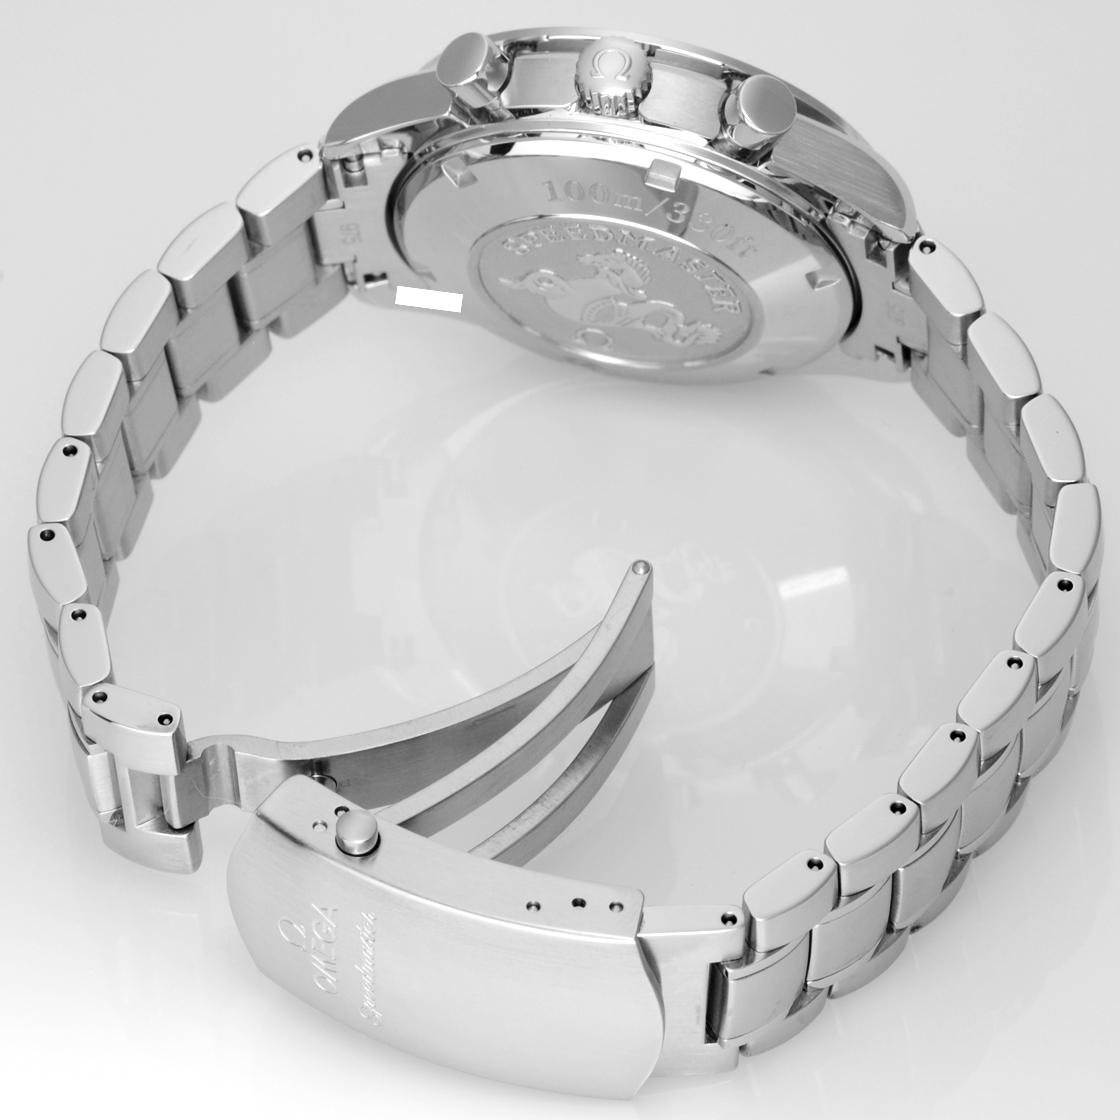 奥米伽速度主人日期323.30.40.40.04.001白表盤/黑色界內號碼盤自動卷計時儀人